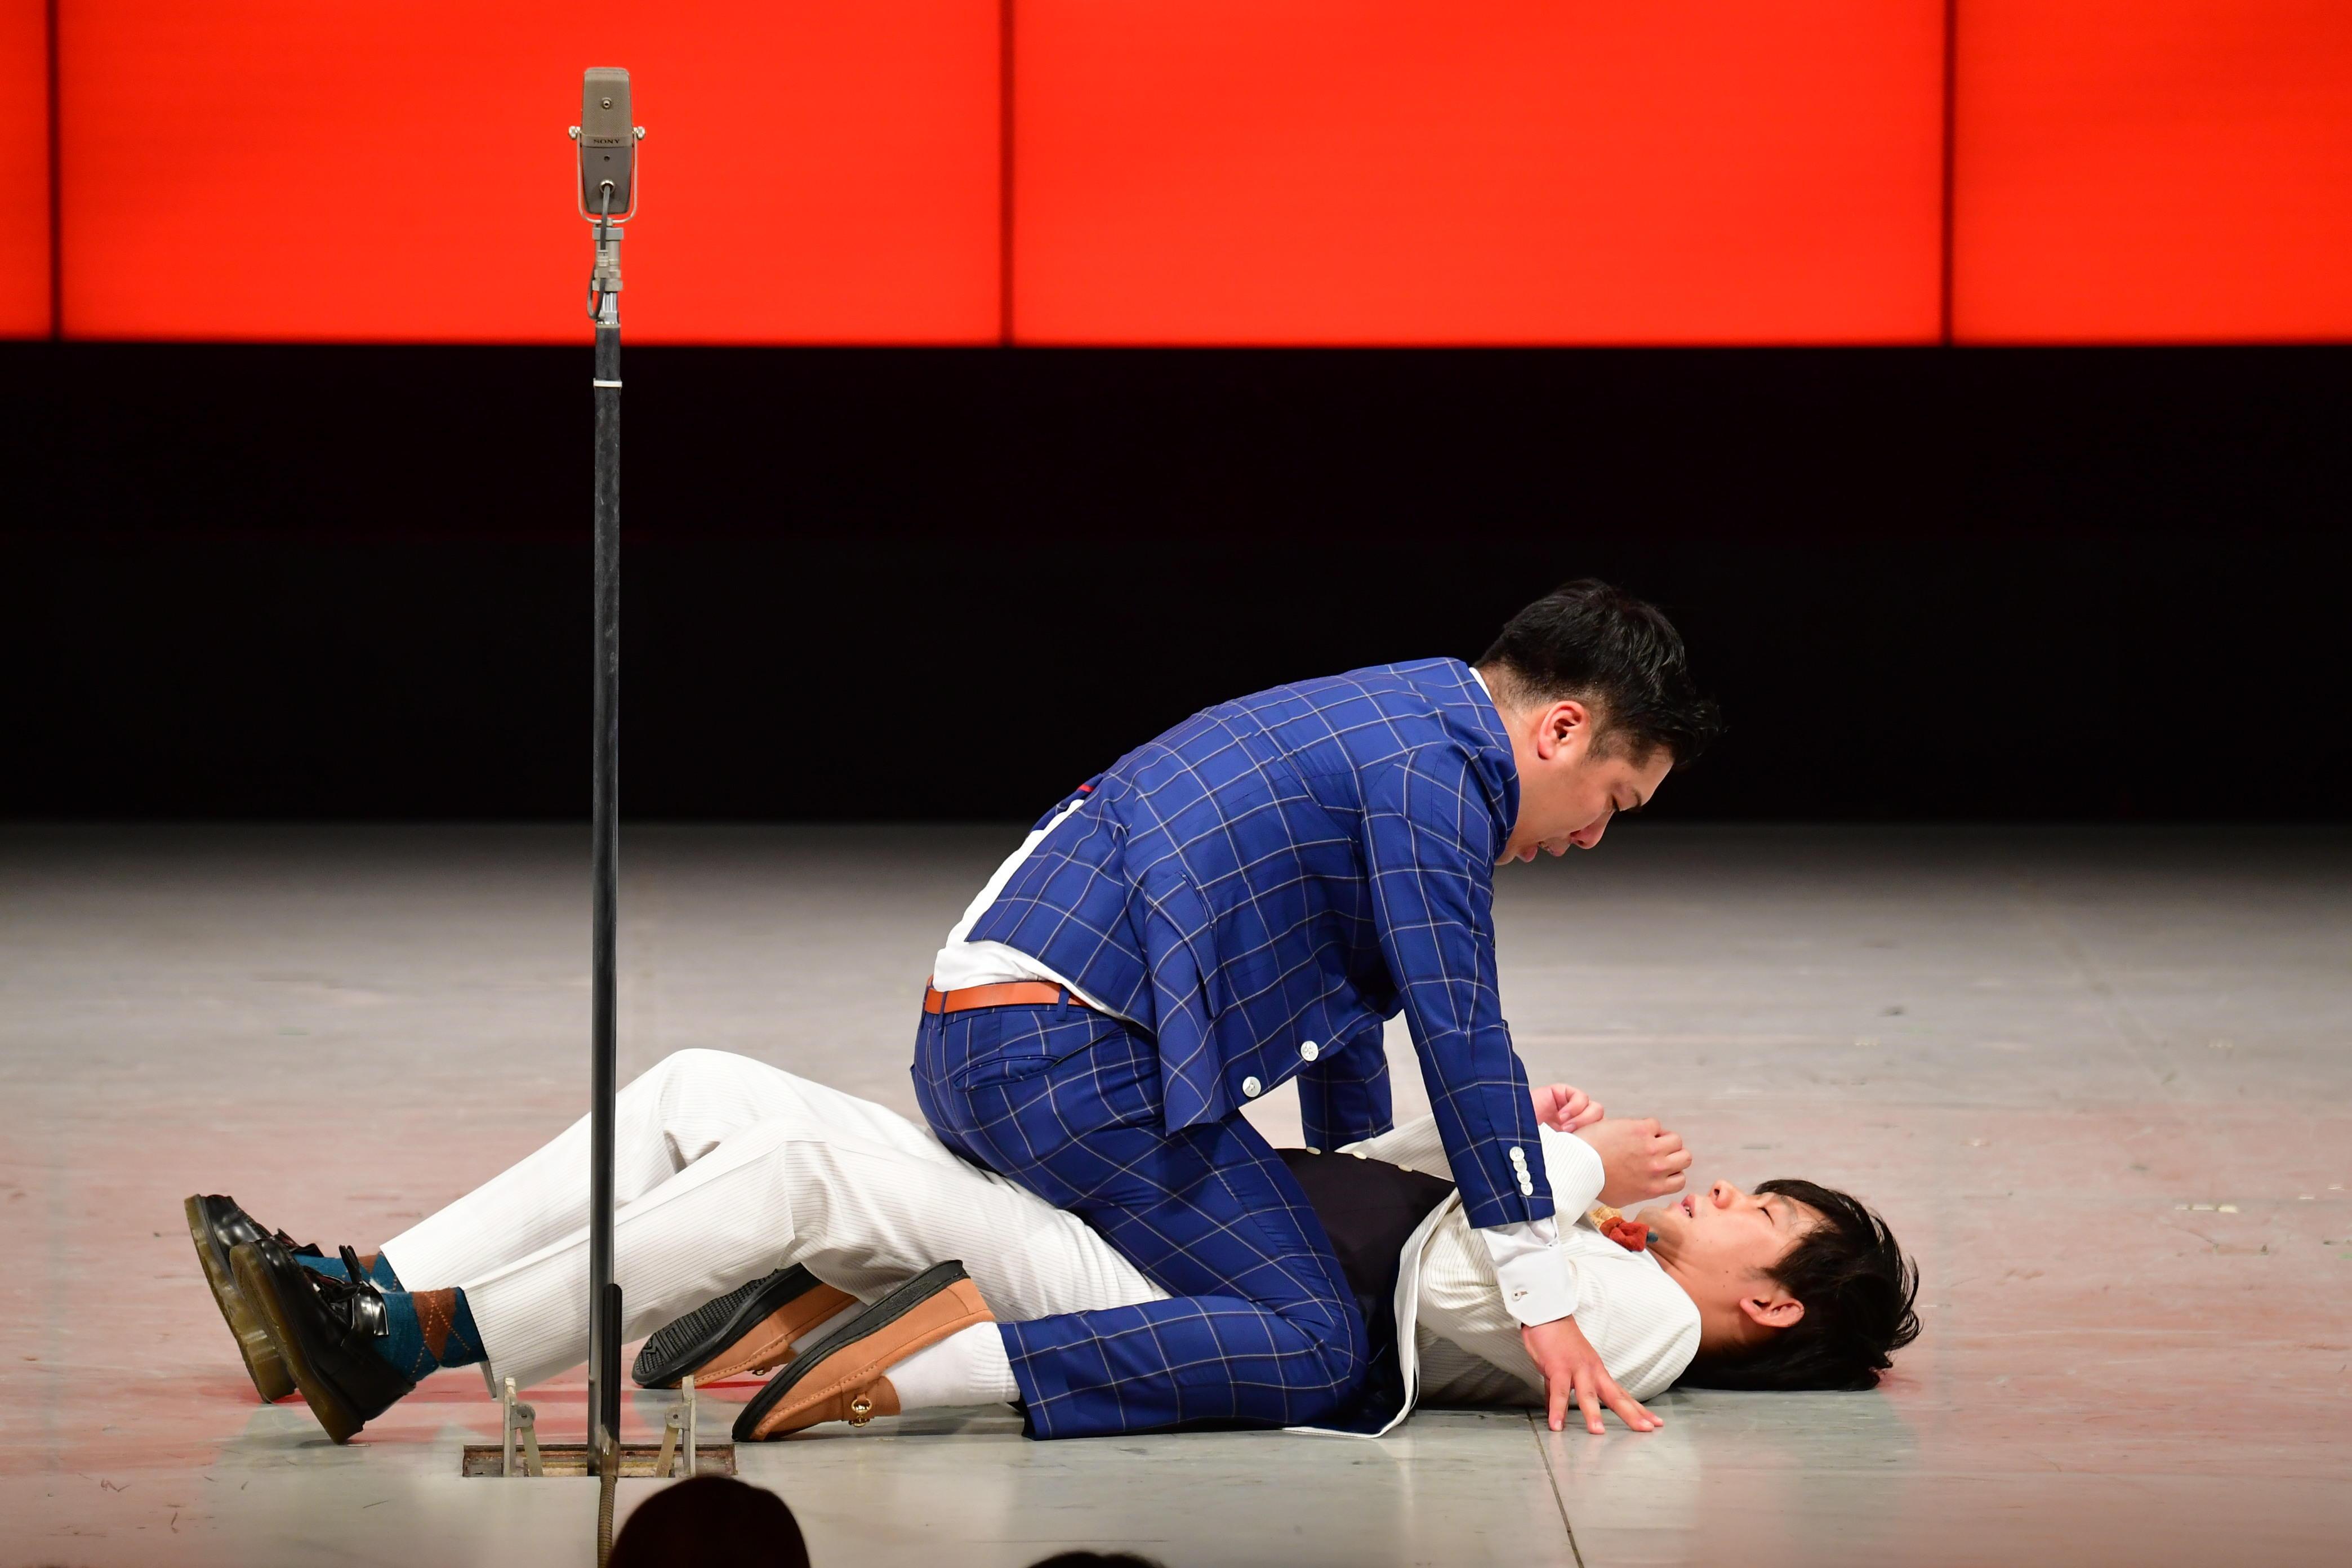 http://news.yoshimoto.co.jp/20190128185908-15c446927b6081eae55da26b939d7c220101d7bc.jpg